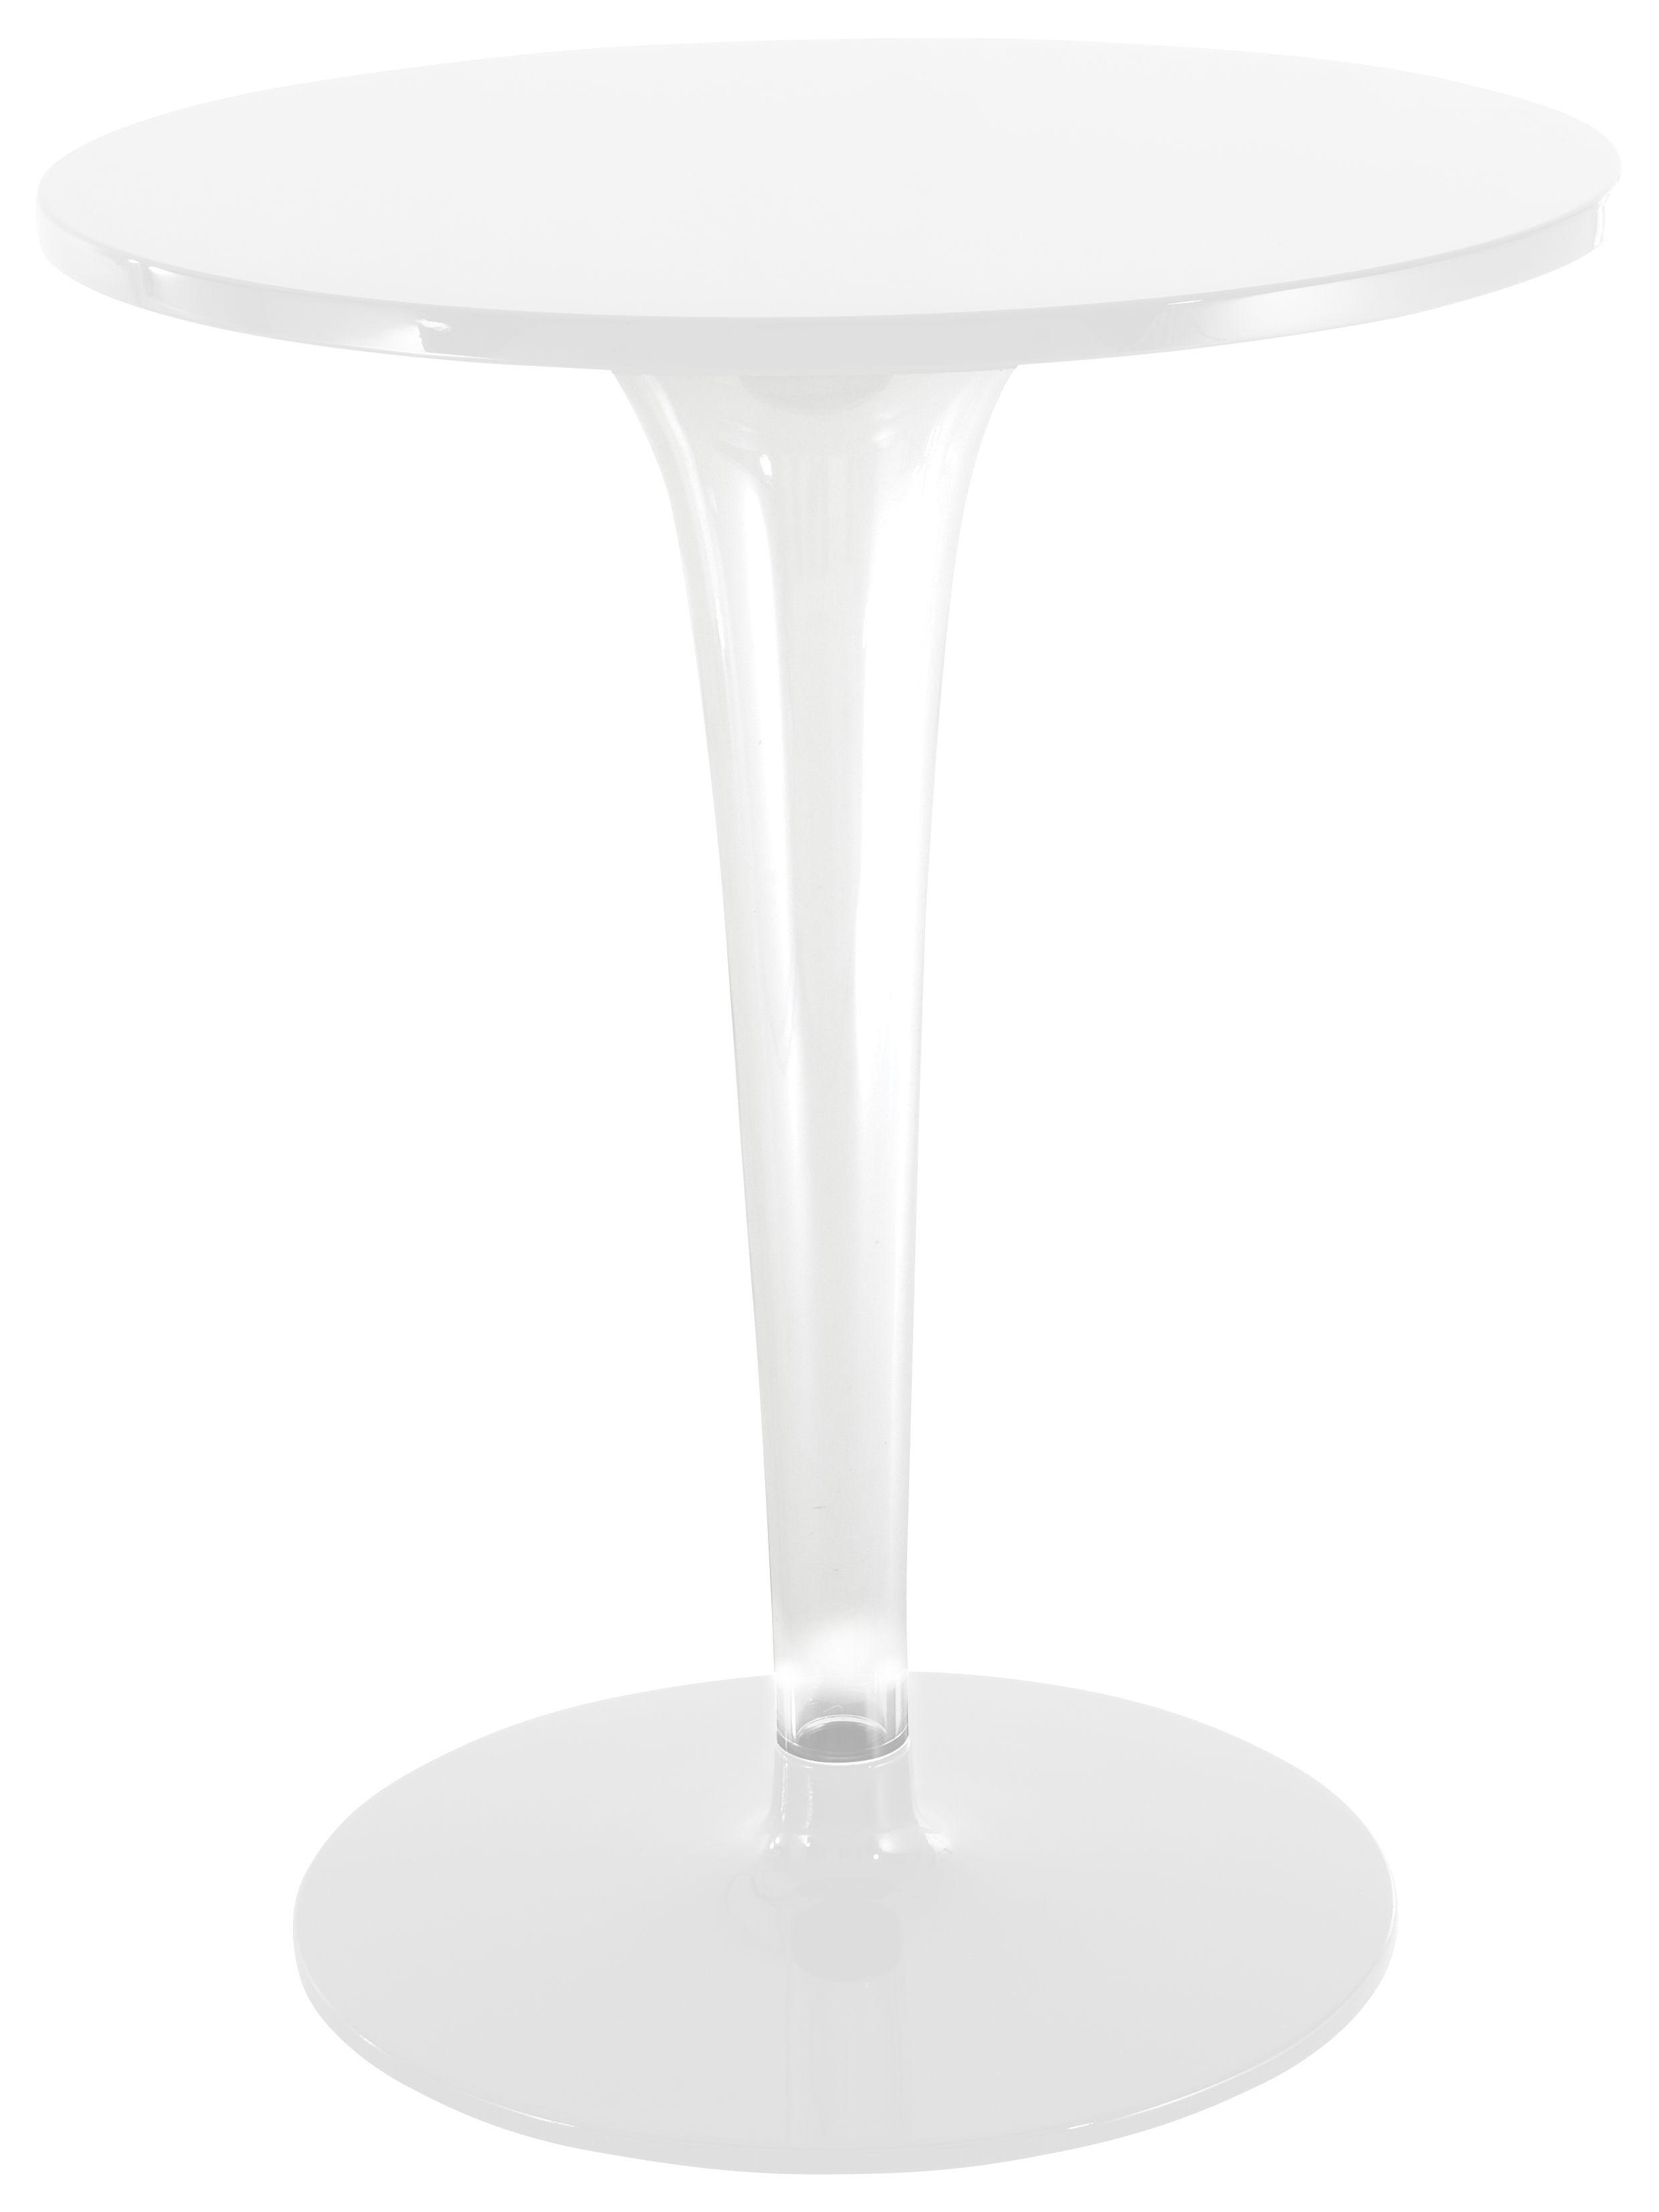 Outdoor - Tables de jardin - Table ronde TopTop - Dr. YES / Ø 60 cm - Kartell - Ø 60 cm - Blanc / base et pied ronds - Aluminium verni, Mélamine, PMMA